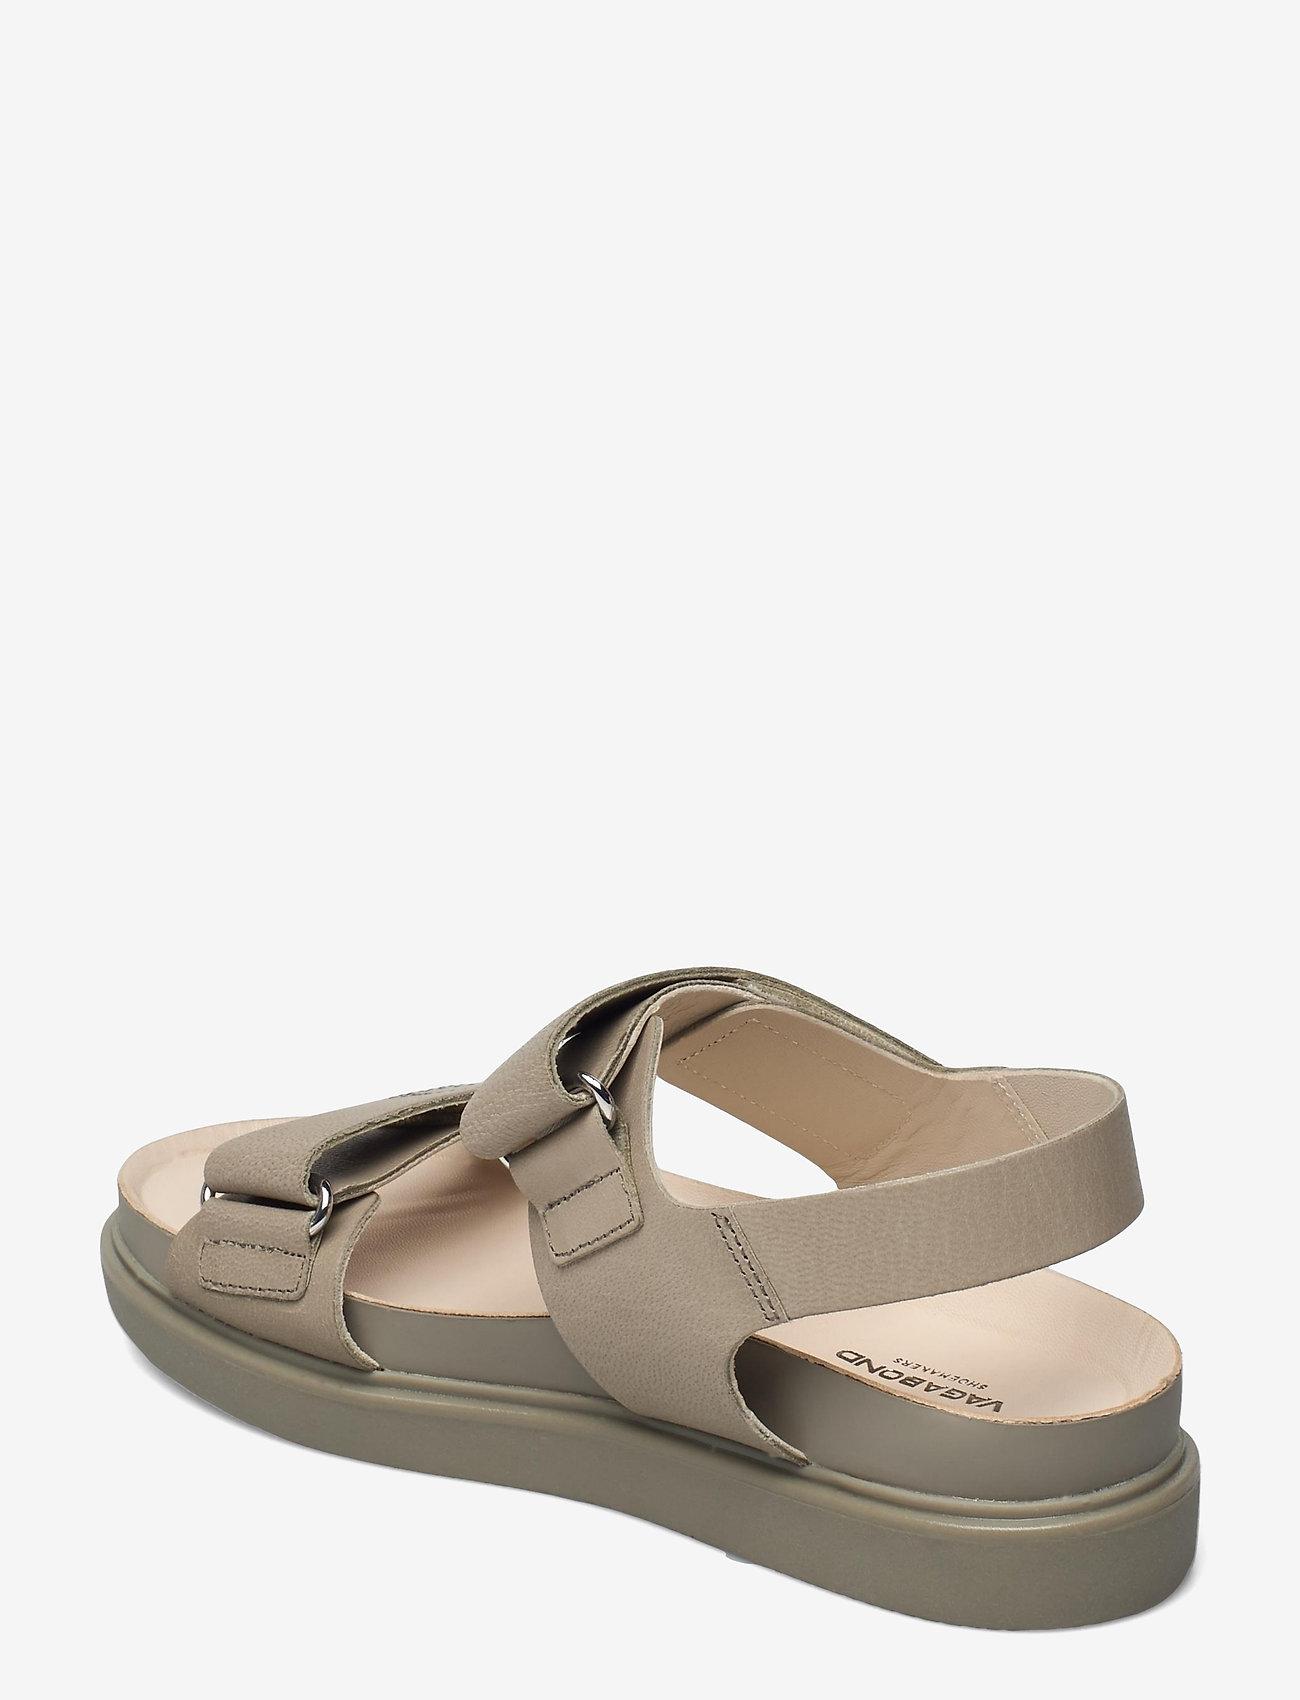 VAGABOND - ERIN - płaskie sandały - sage - 2